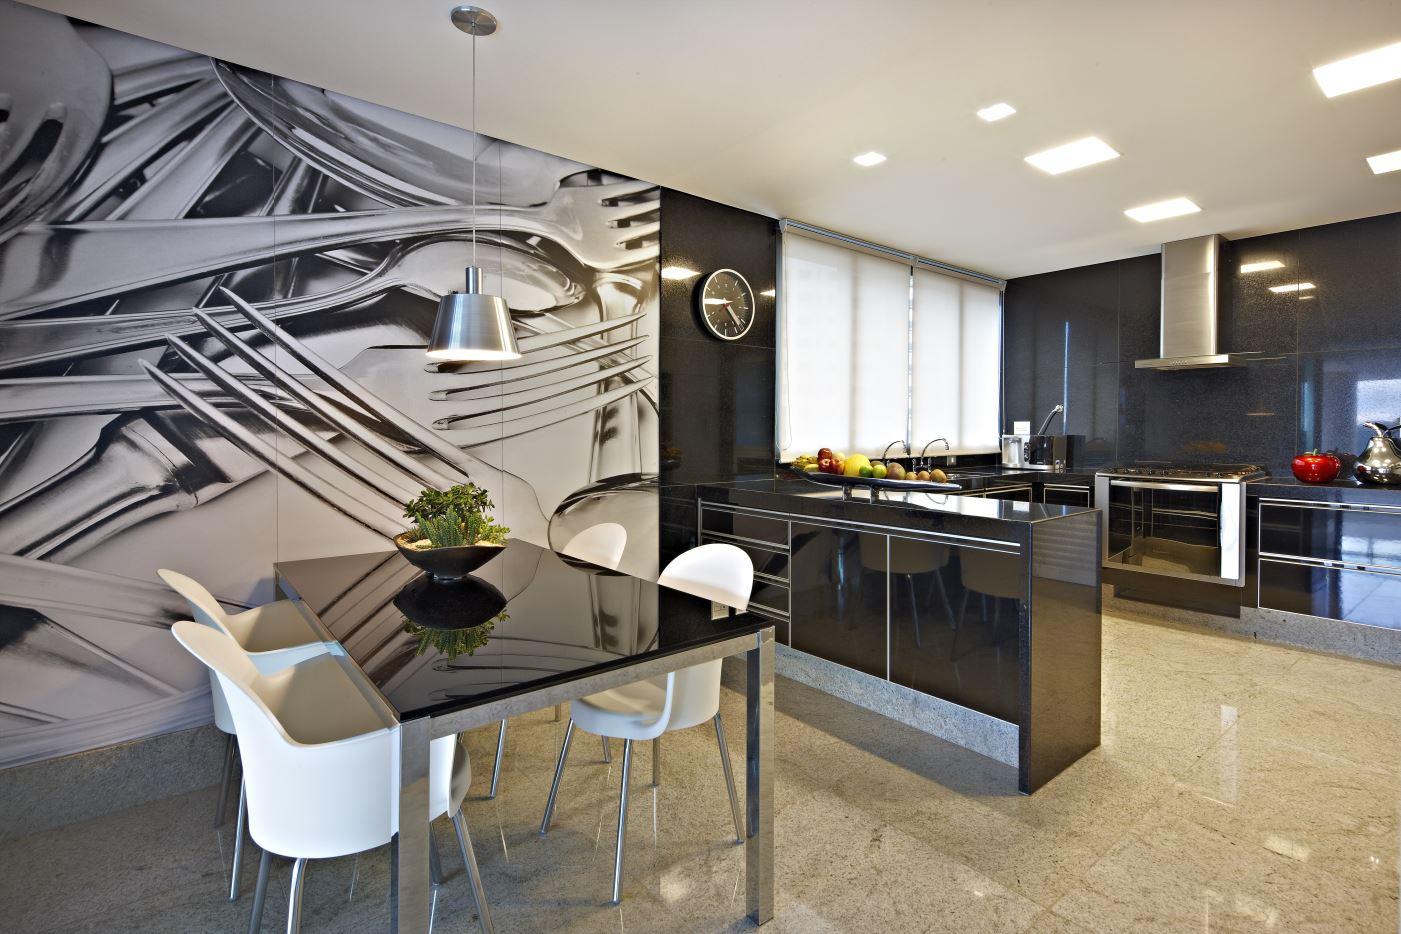 Cozinhas com imagens em 3d revestindo e decorando as paredes! Decor  #7E6E4D 1401 934